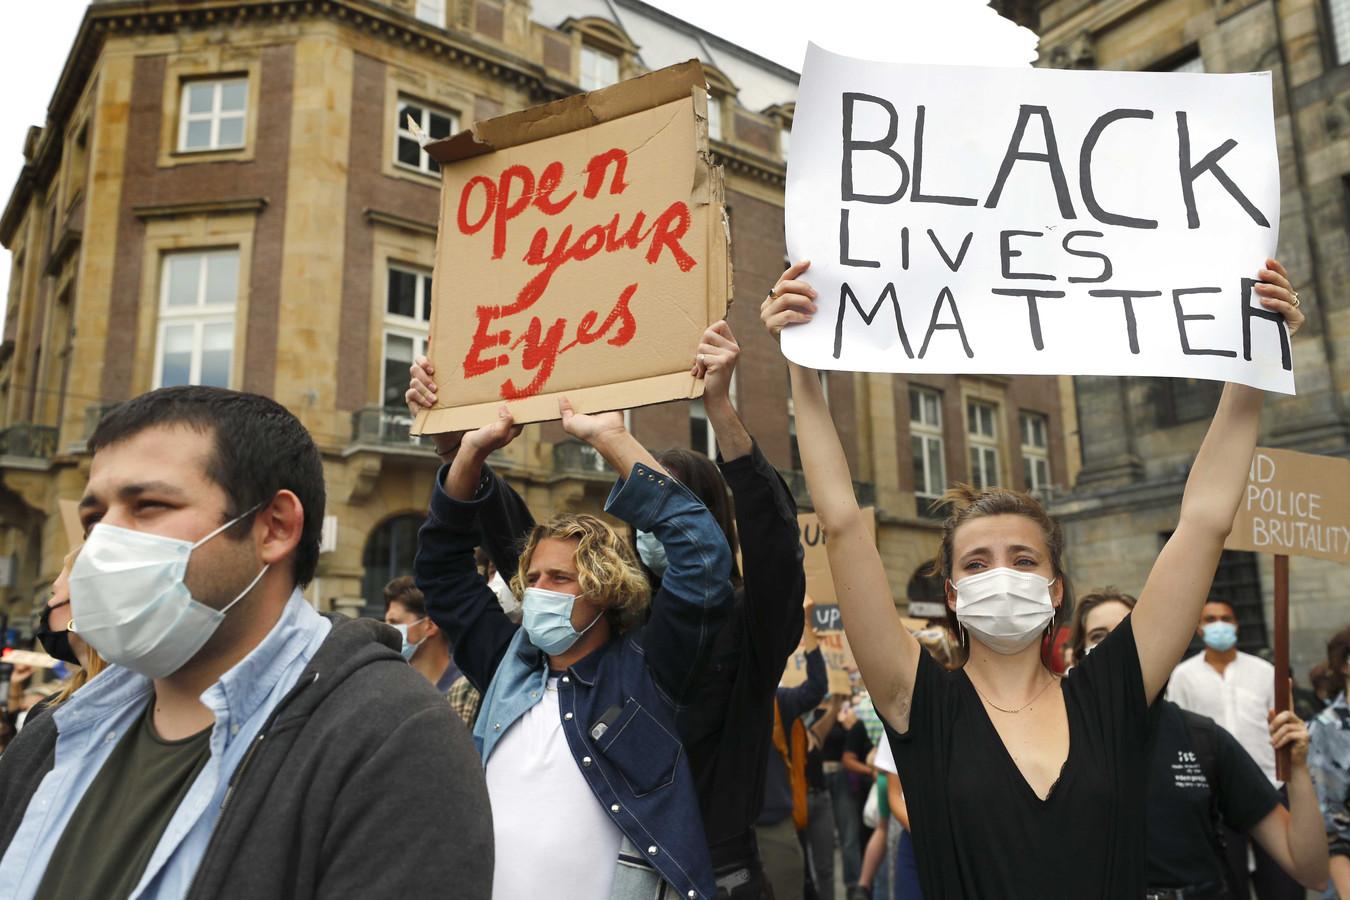 Demonstranten tijdens het protest op de Dam. Diverse antiracismeorganisaties houden een manifestatie uit protest tegen wat zij noemen politiegeweld tegen zwarten in de VS en de EU. Aanleiding is de dood van George Floyd in de Amerikaanse stad Minneapolis.